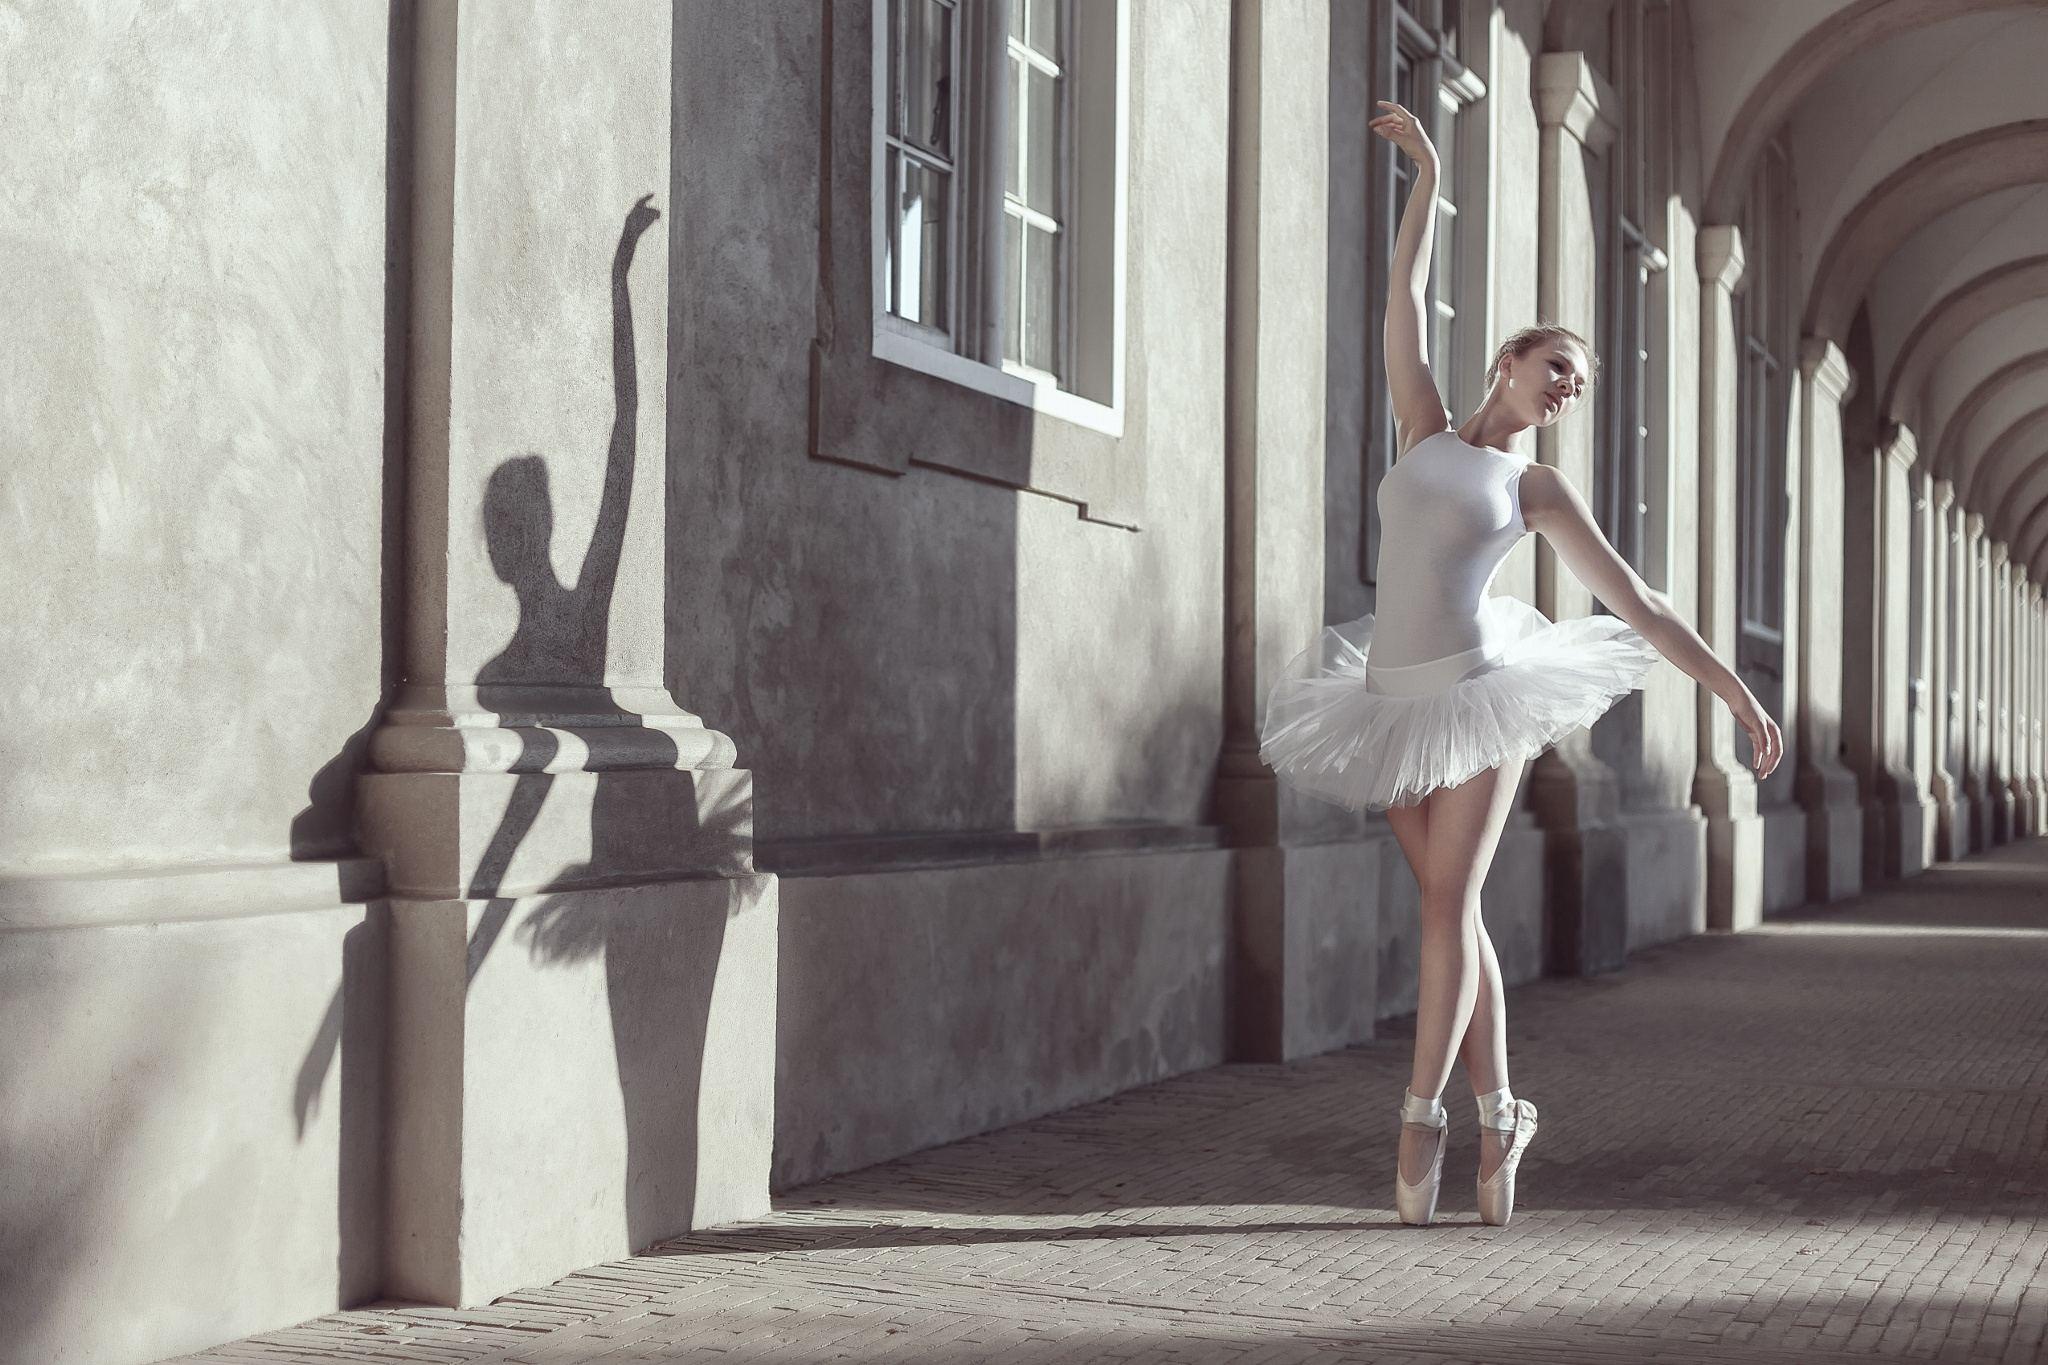 фотосессия в виде балерины уже давно осознали